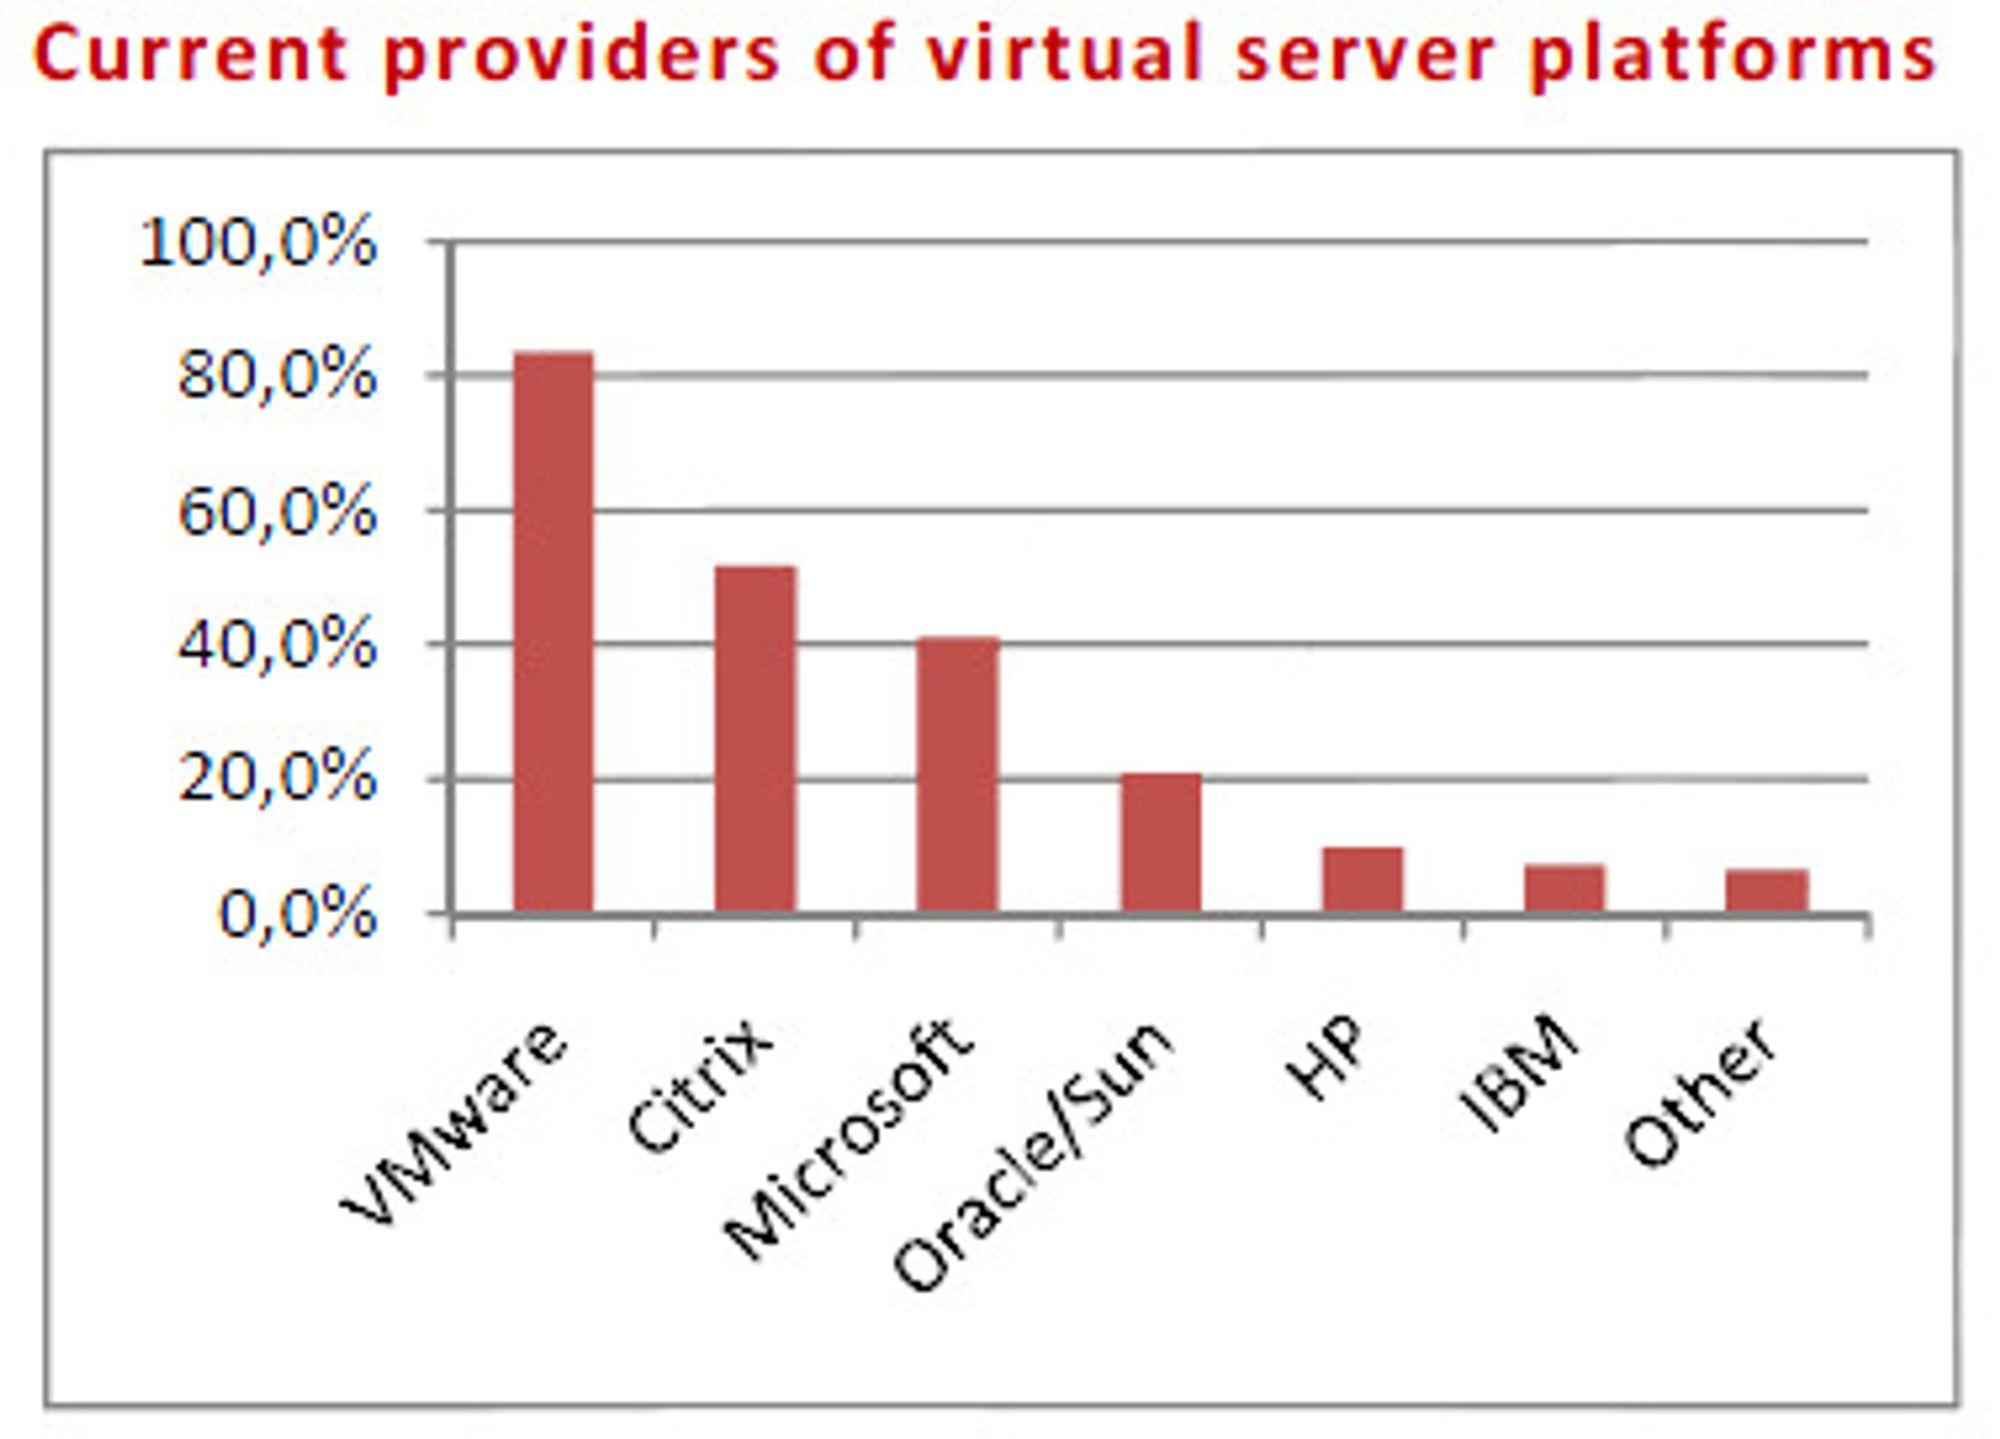 De aller fleste har et heterogent virtualiseringsmiljø.